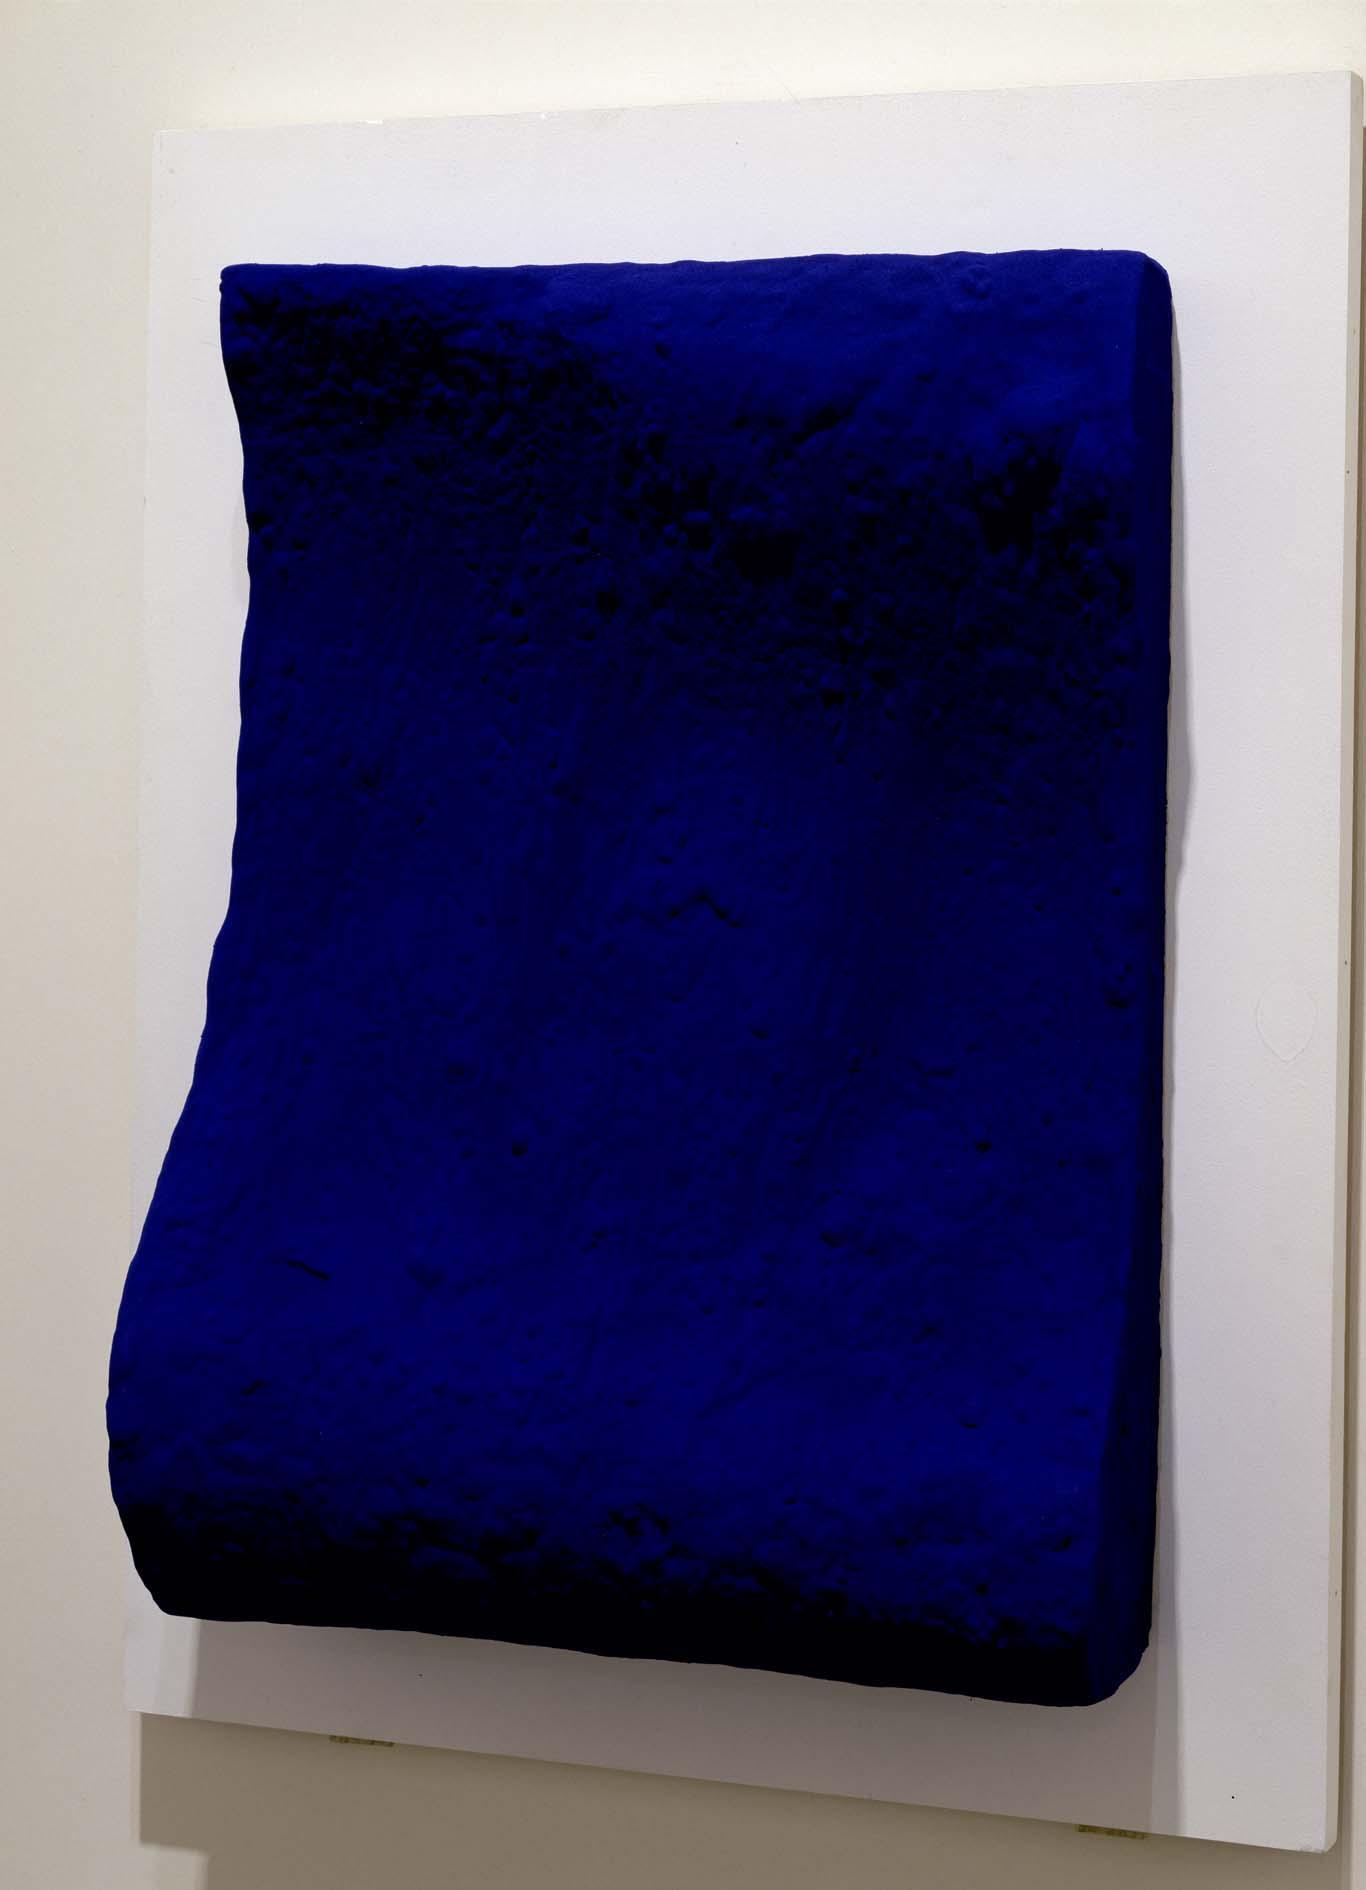 yves klein la vague ikb 160 c prototype du relief monochrome bleu propos pour le vestibule. Black Bedroom Furniture Sets. Home Design Ideas